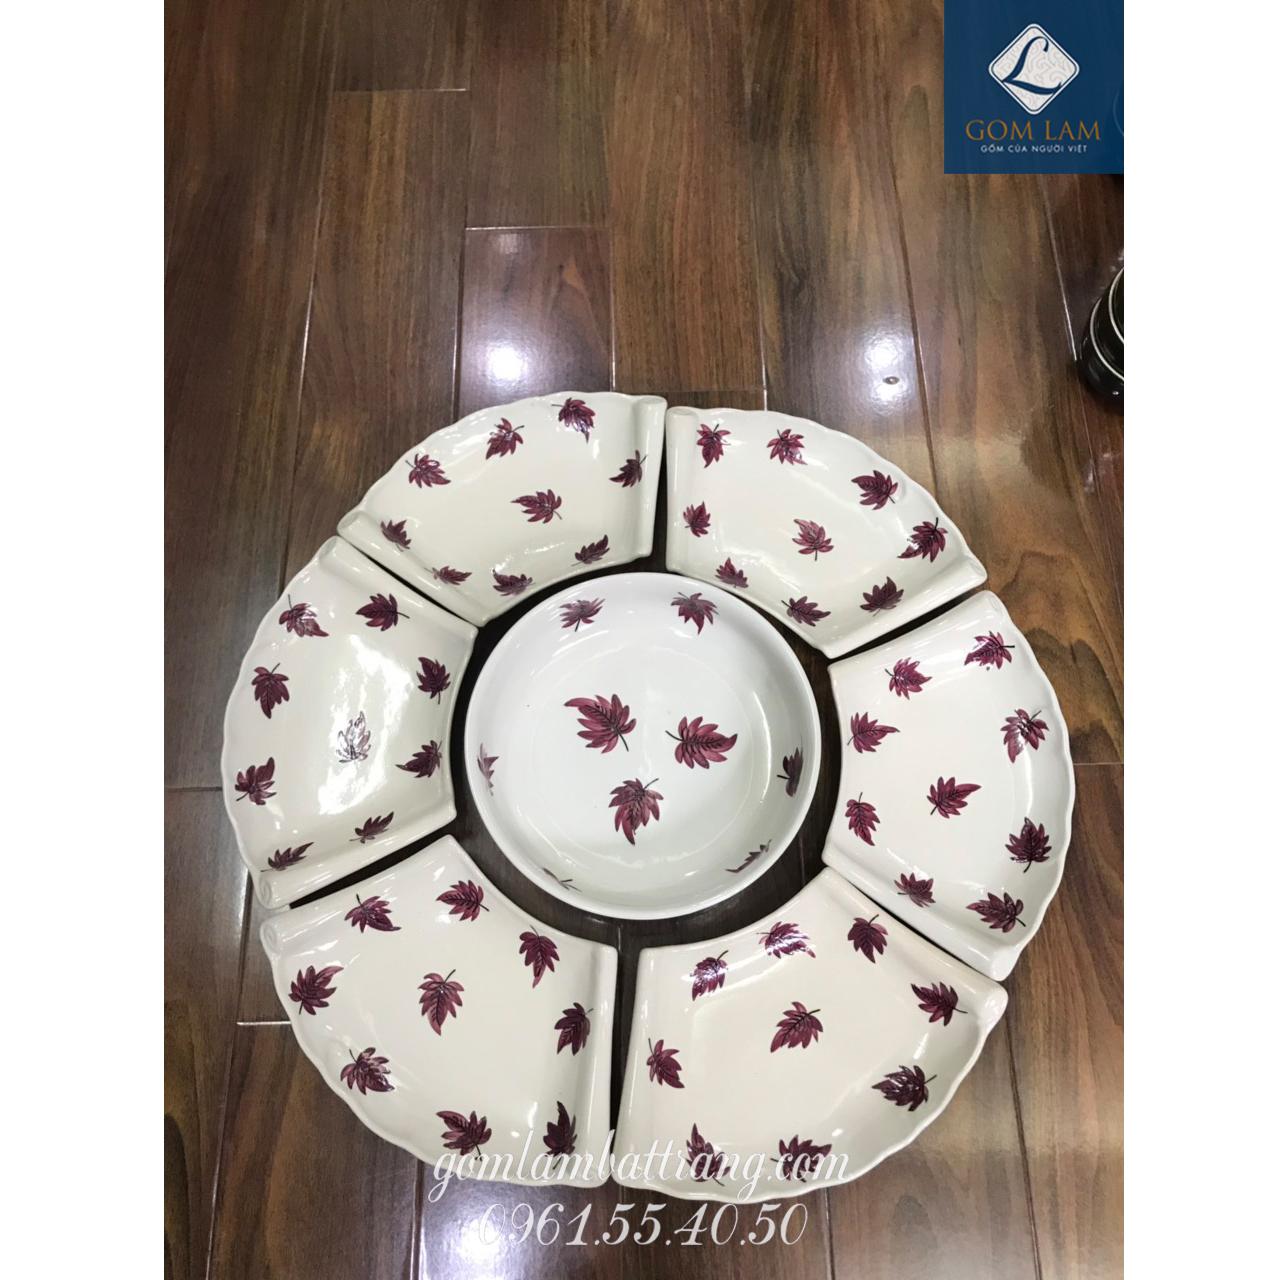 SET bát đĩa hoa 7 món sứ trắng vẽ lá số 3